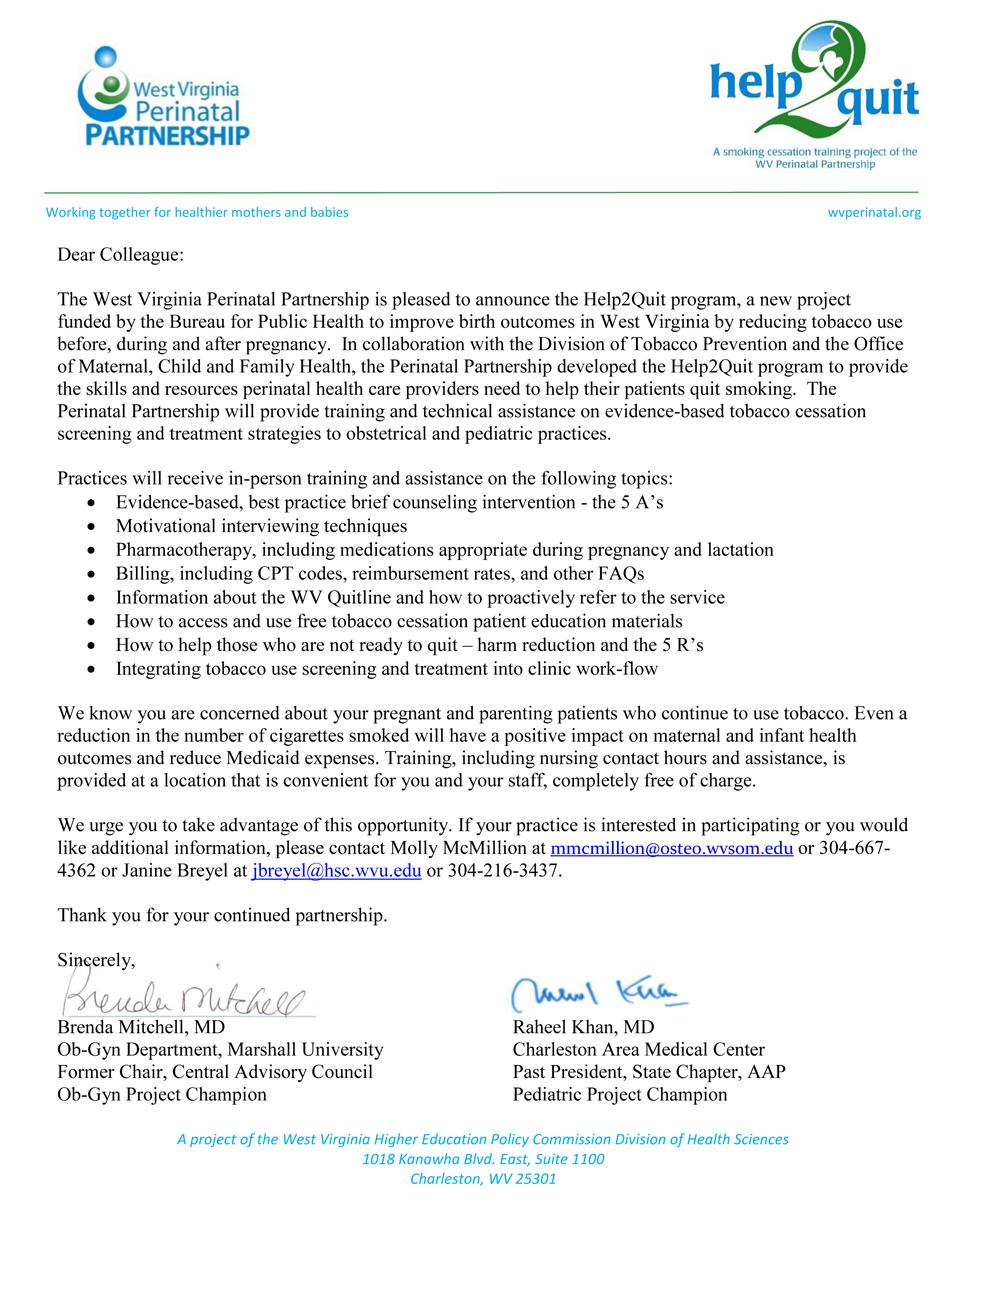 H2Q-Colleague-letter